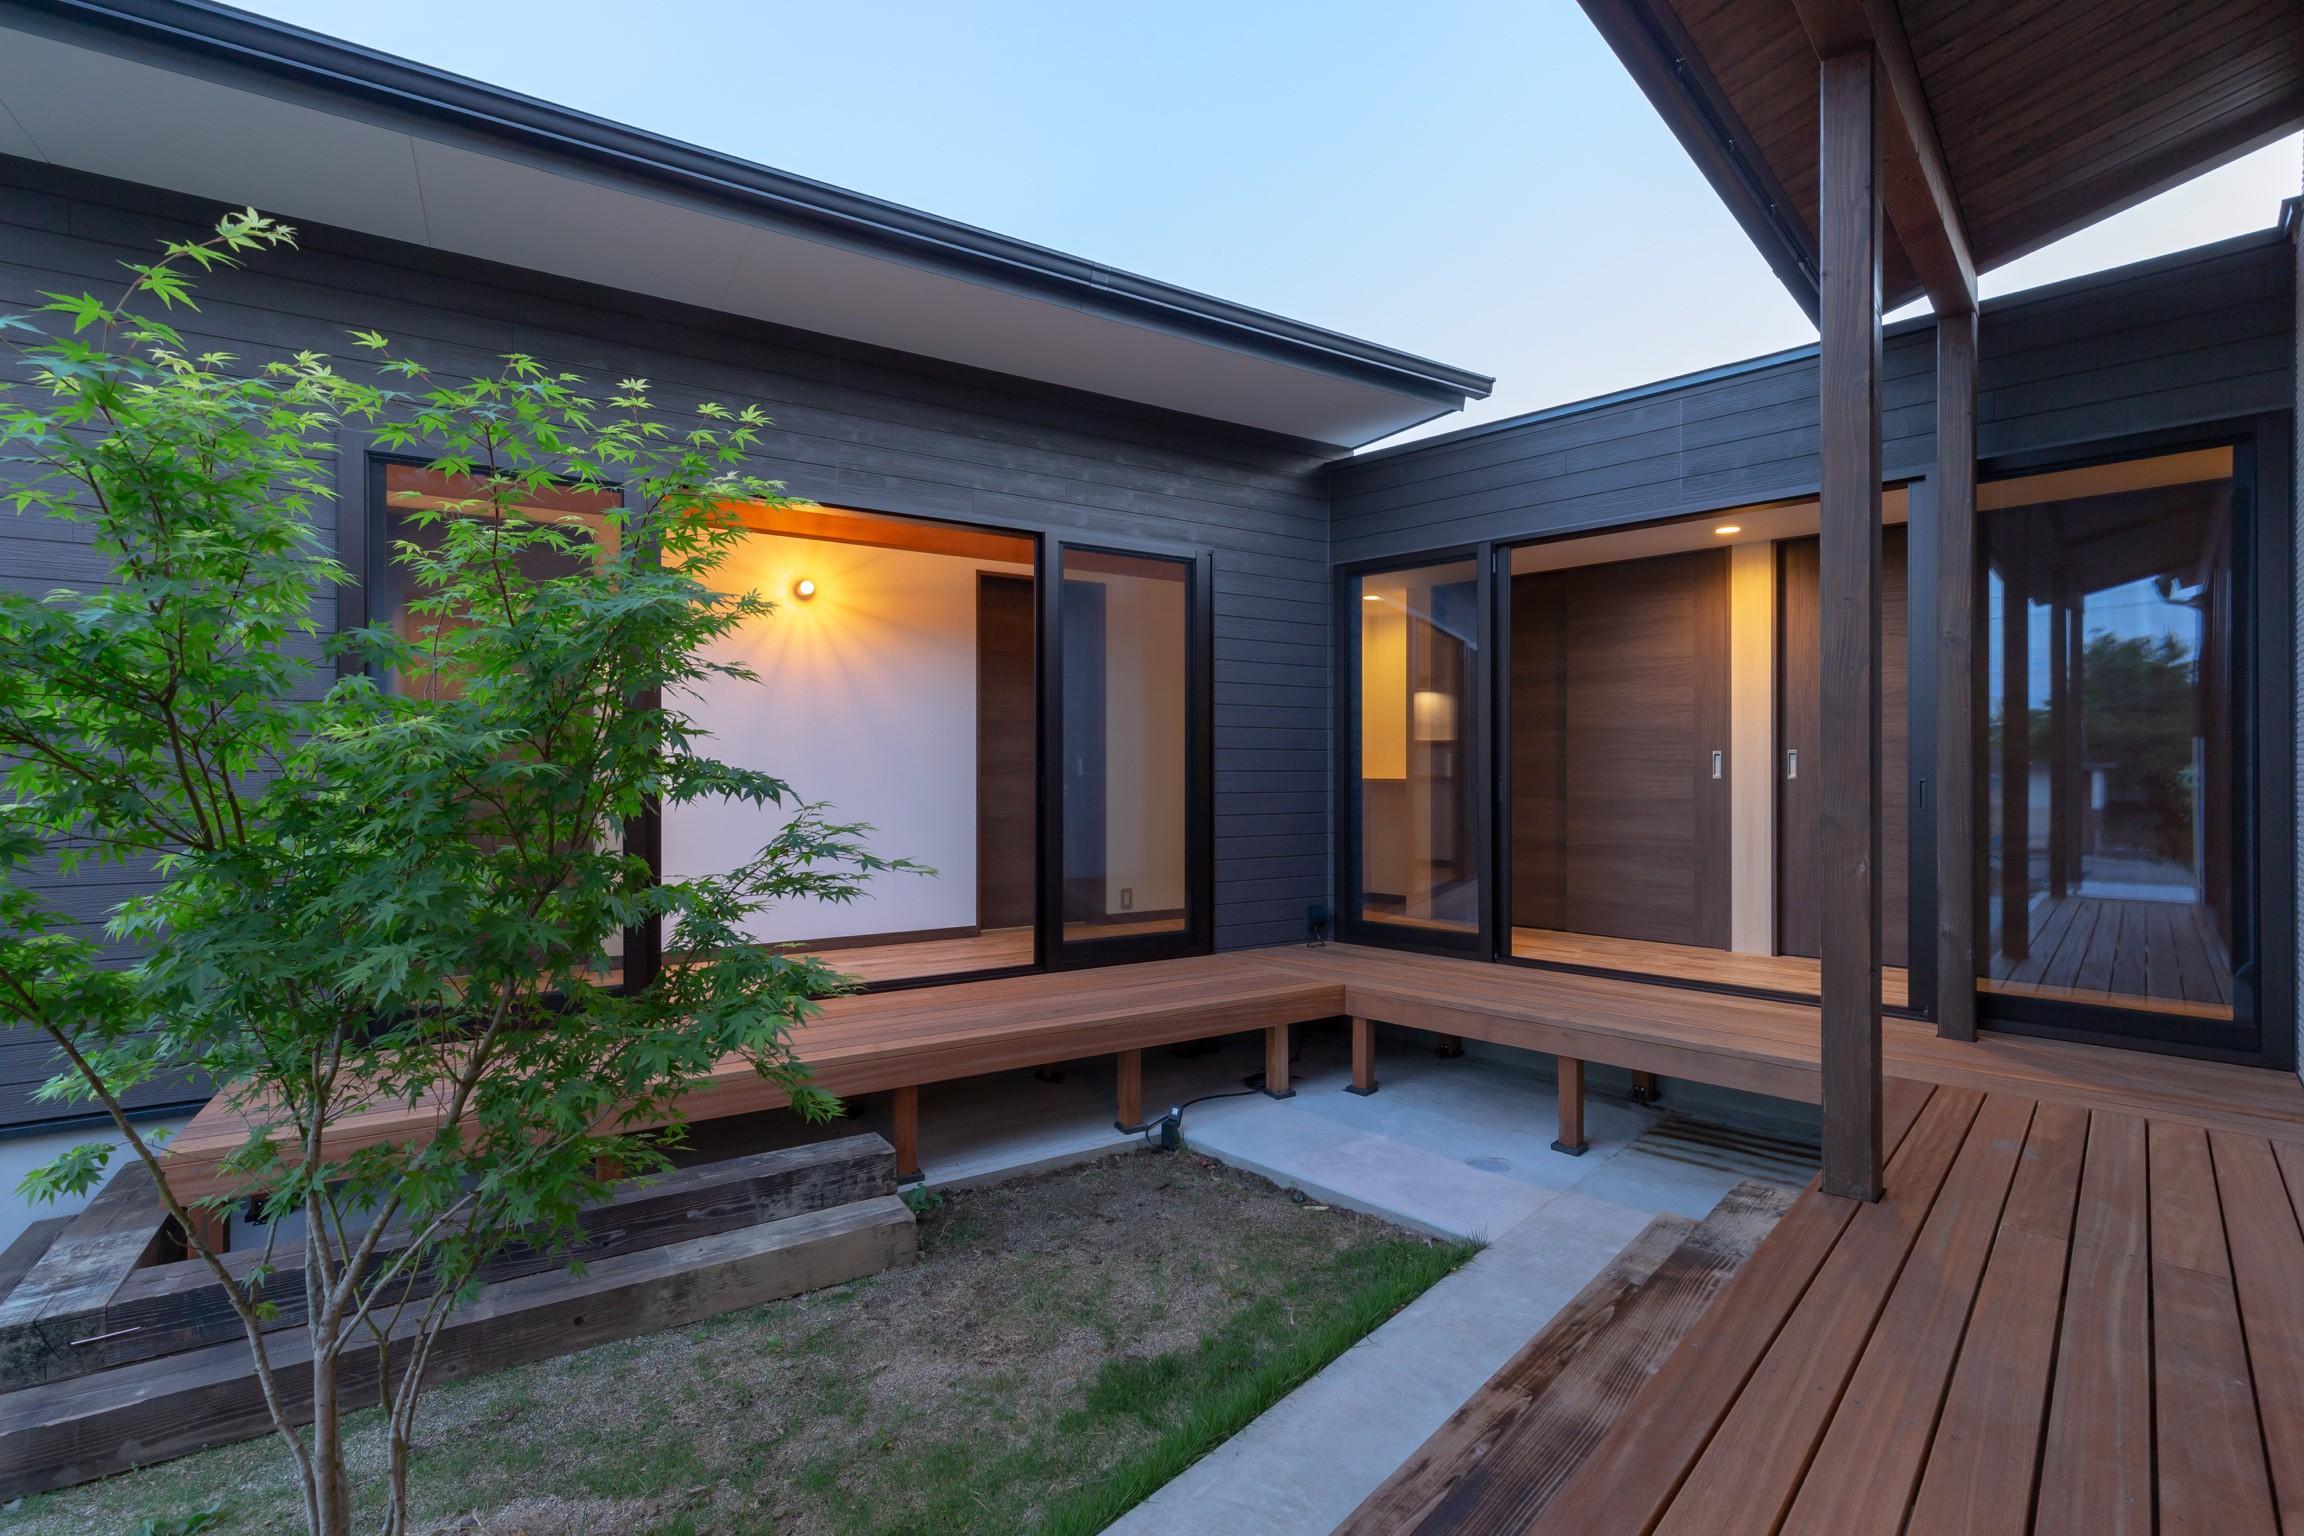 アウトドア事例:中庭(夜景)(須賀川・今泉のリノベーション)